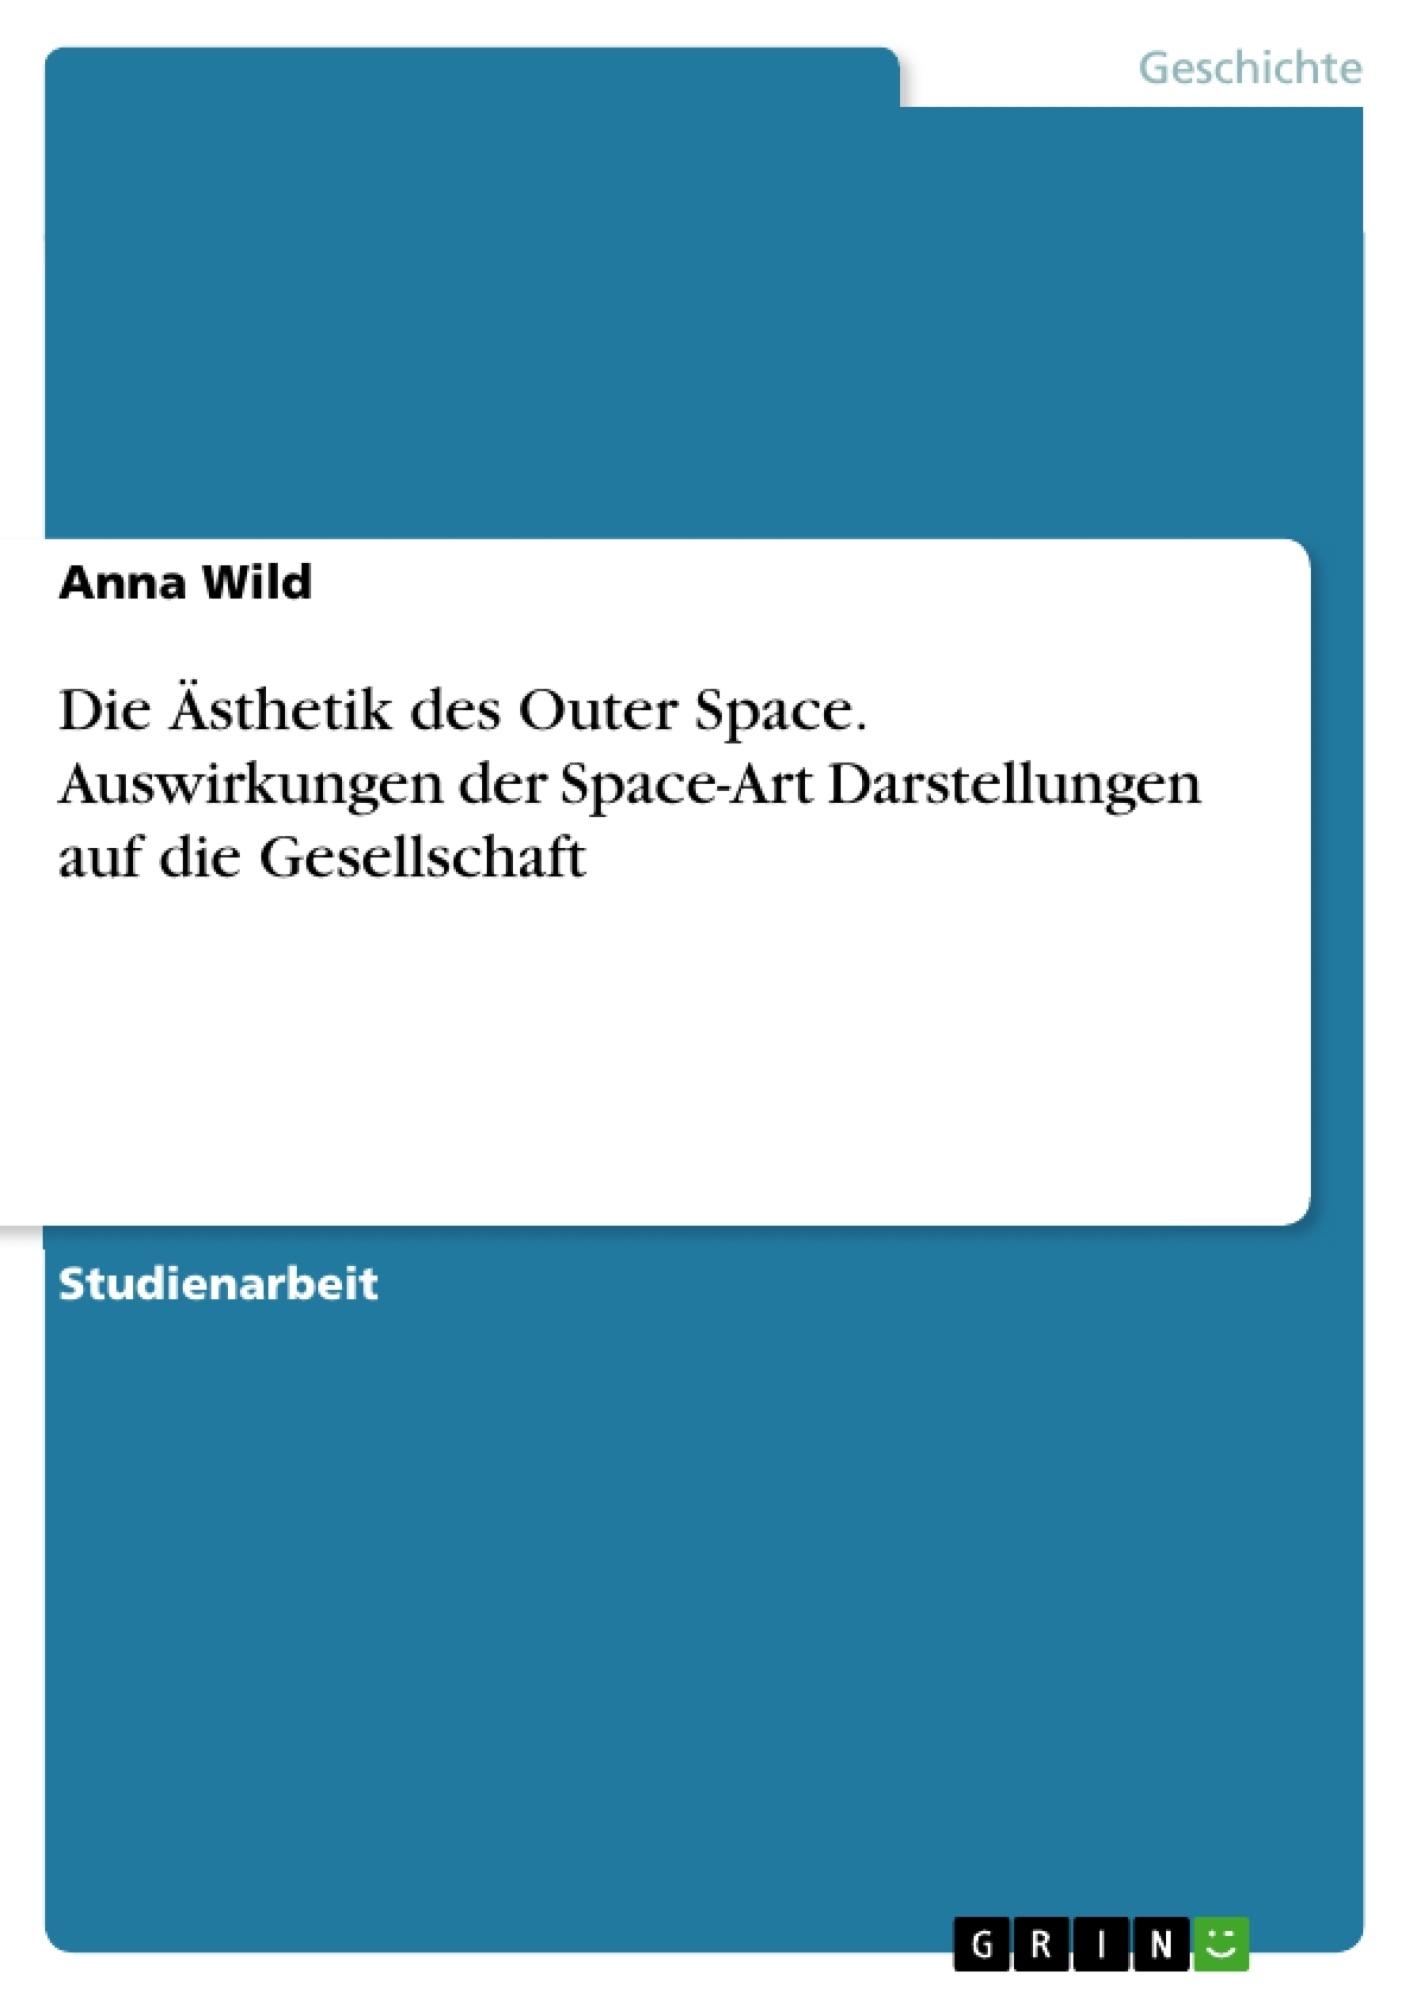 Titel: Die Ästhetik des Outer Space. Auswirkungen der Space-Art Darstellungen auf die Gesellschaft